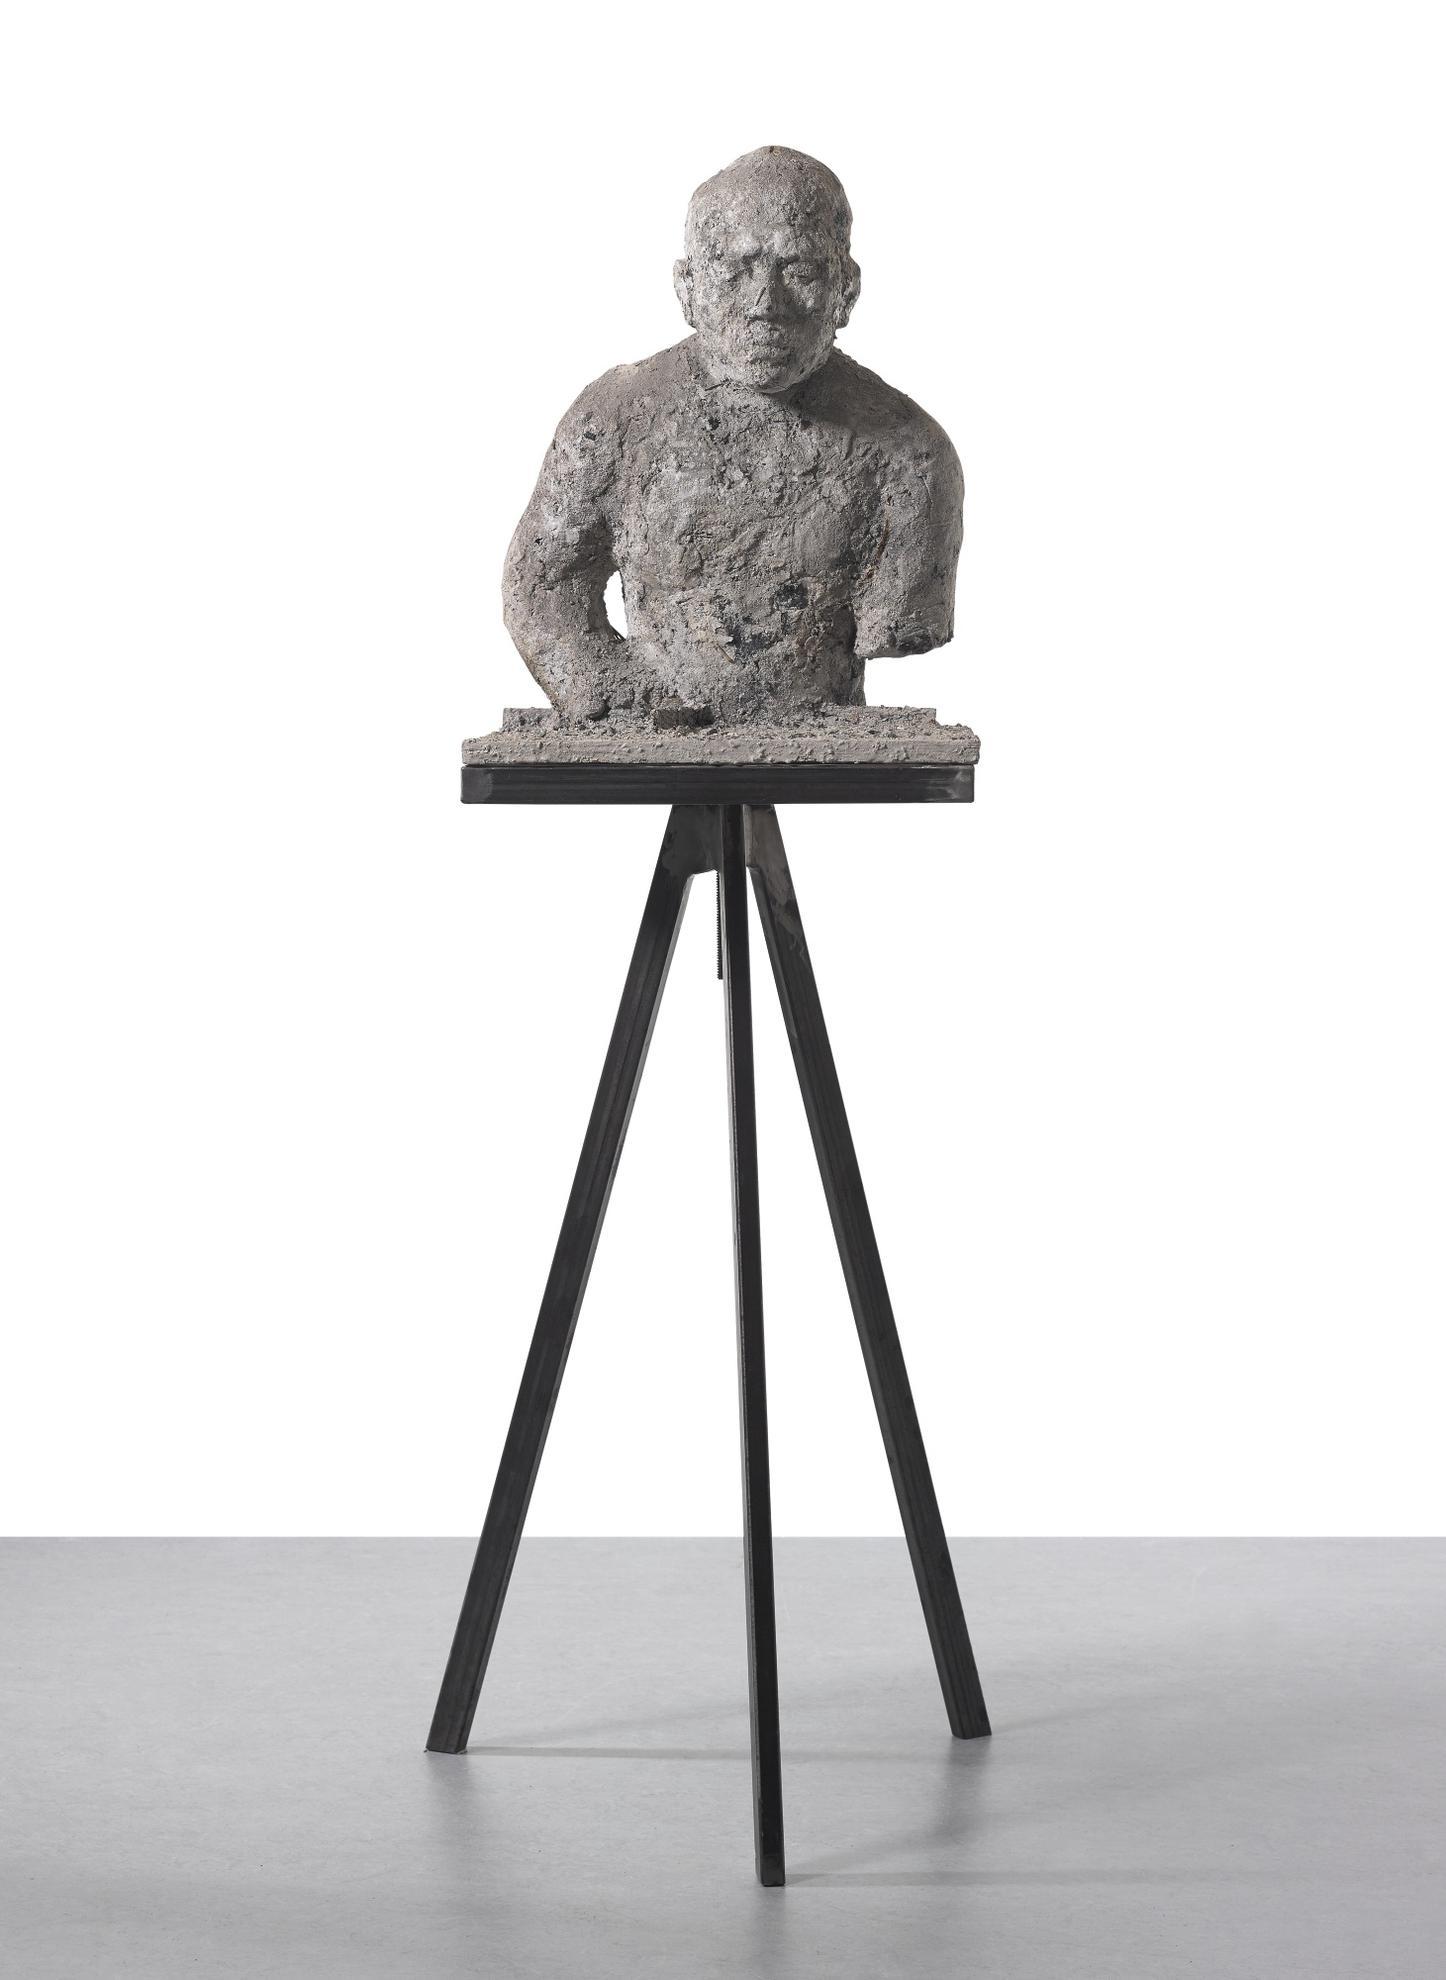 Zhang Huan-Ash Head No. 22-2007